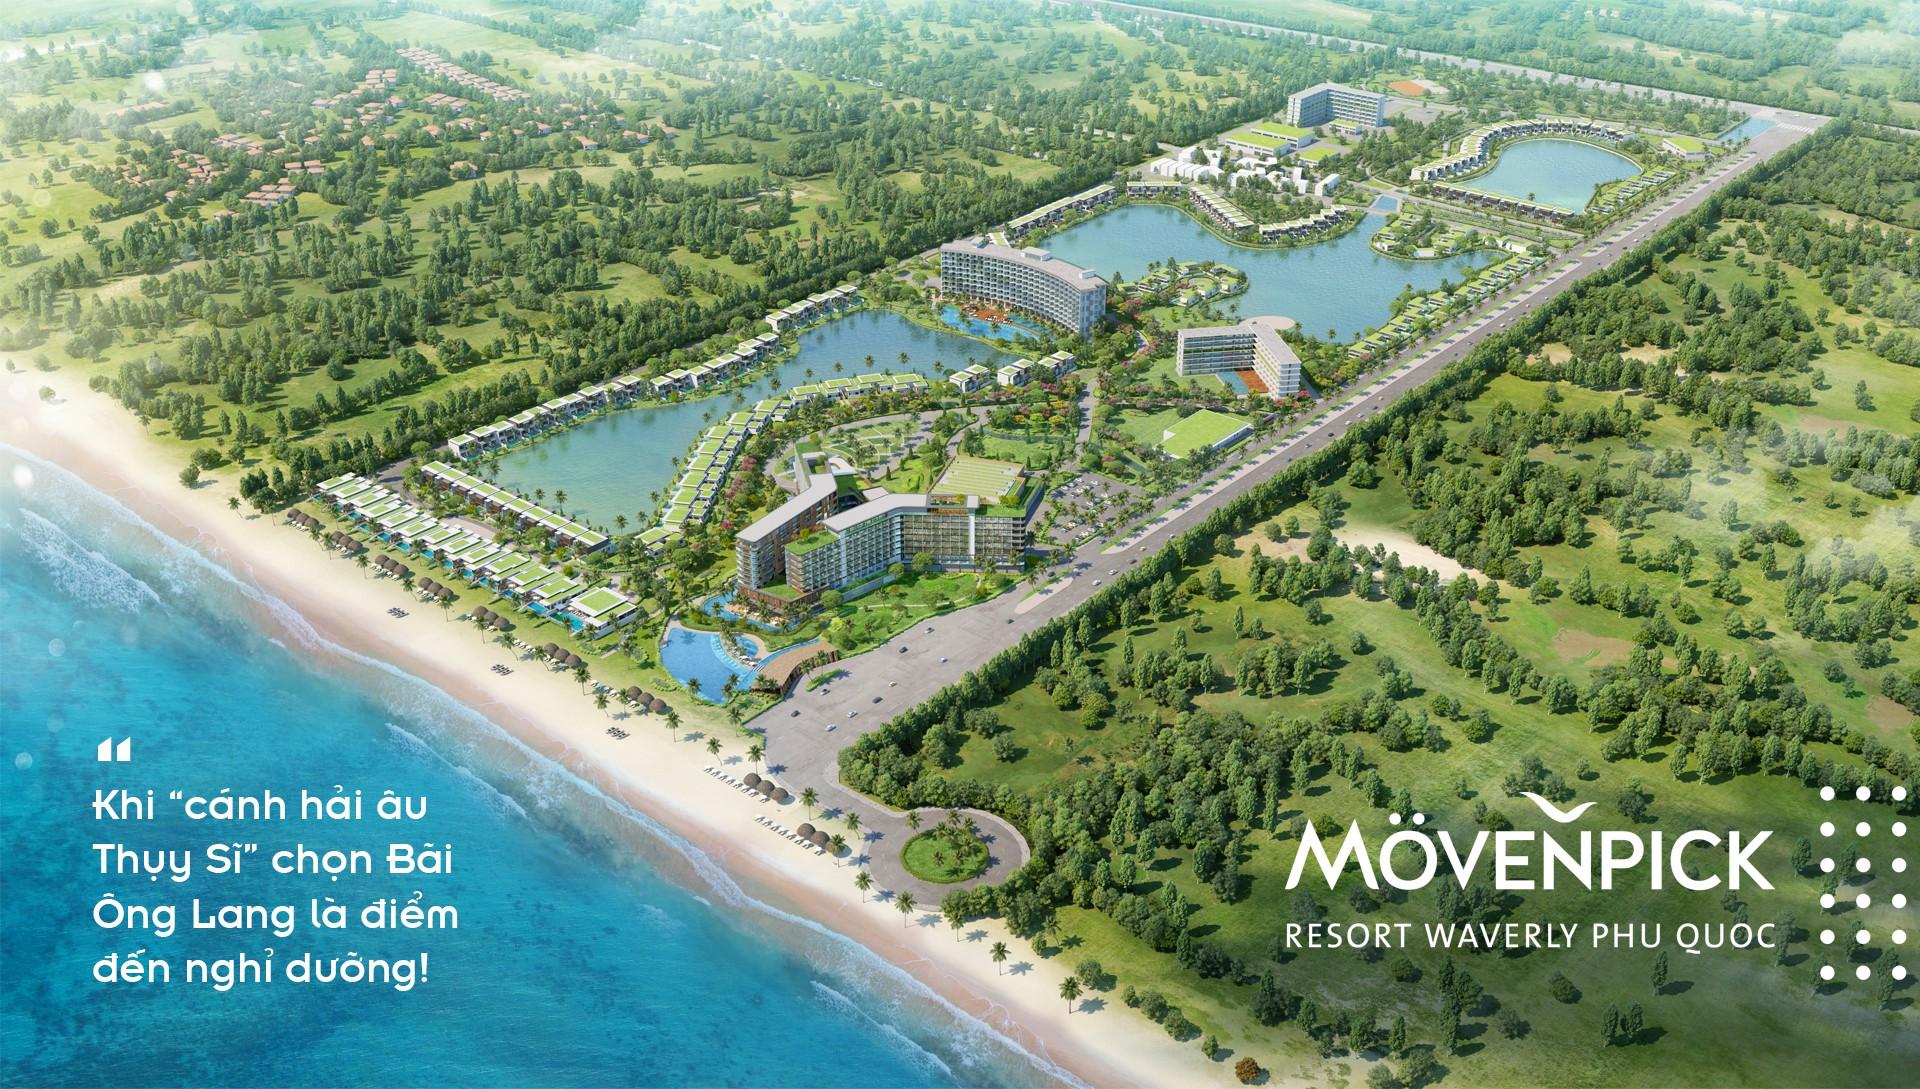 Bãi Ông Lang - Maldives của Phú Quốc - Ảnh 8.